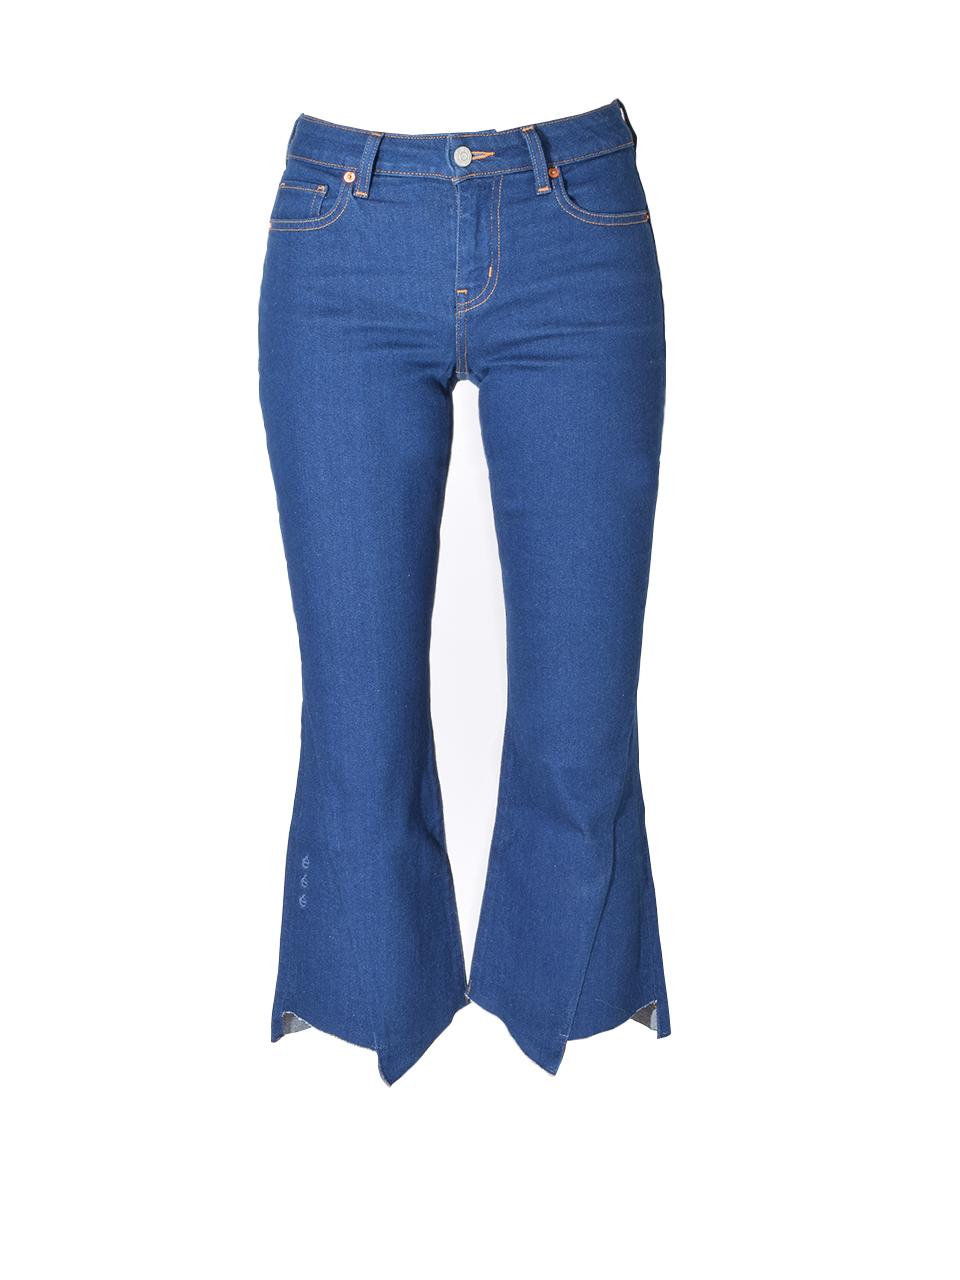 Etica Mick Cropped Jean in Pure Blue